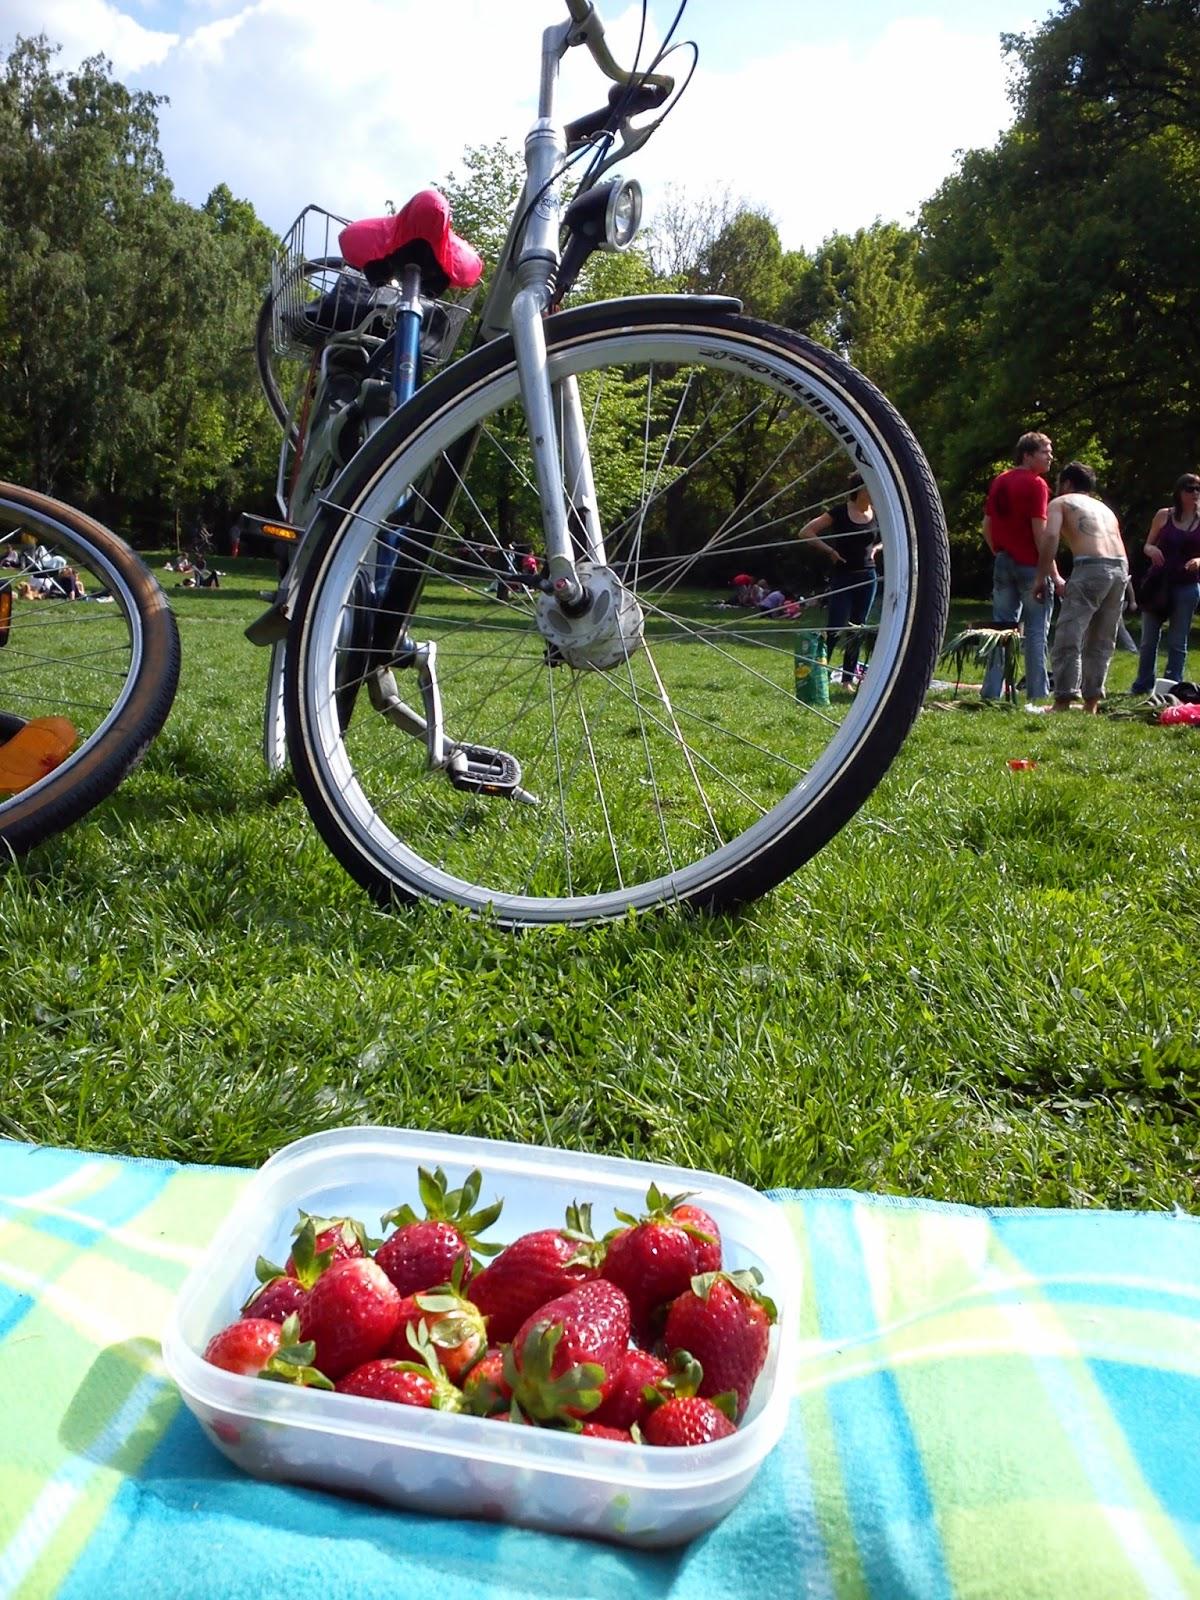 Piknikillä Volkspark Friedrichschein -puistossa.